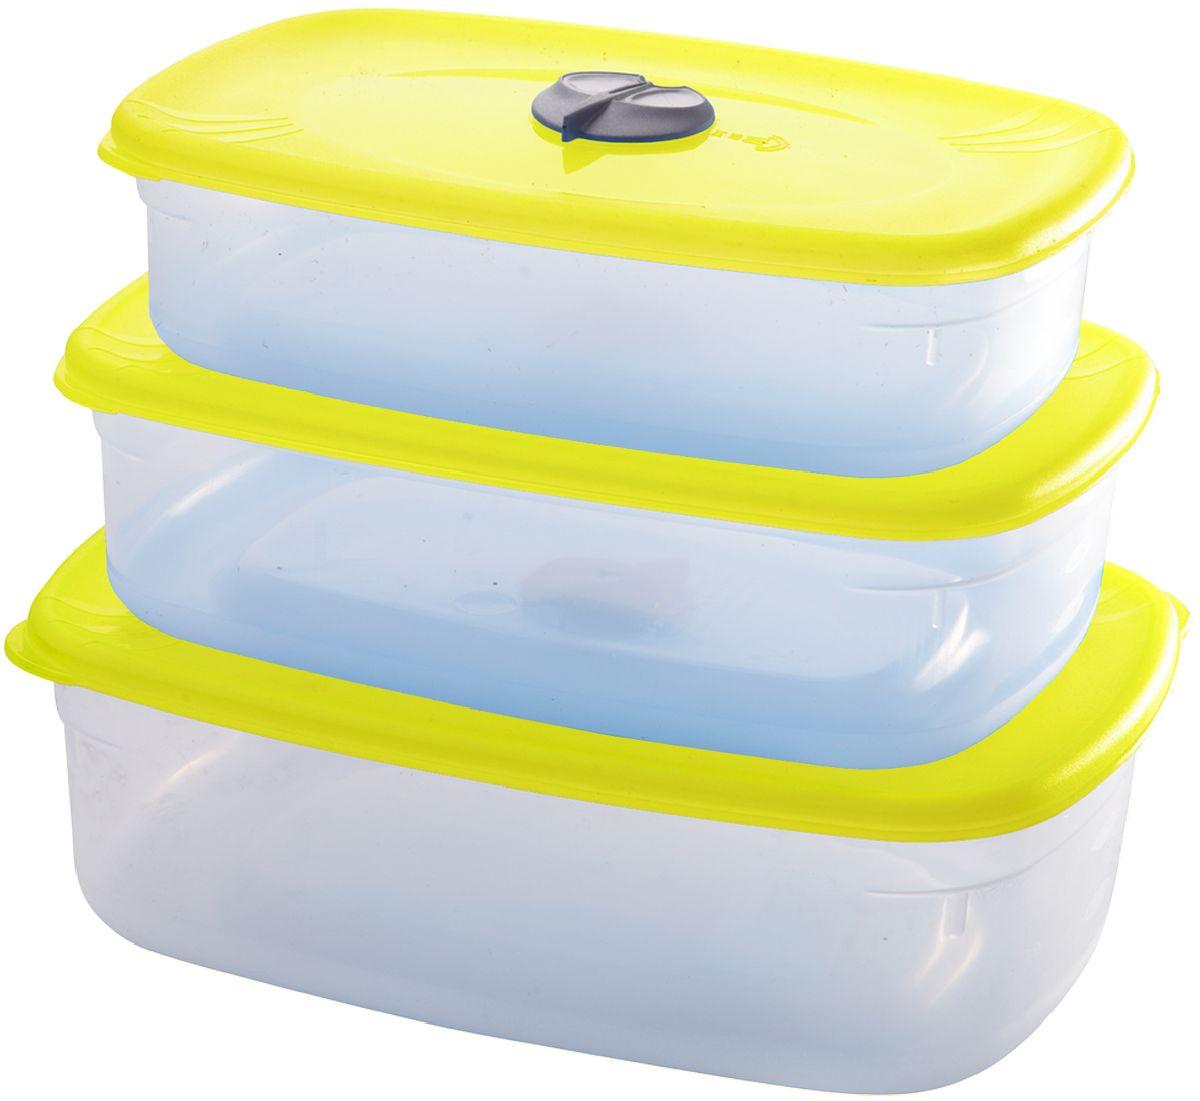 Набор многофункциональных емкостей для хранения различных продуктов, разогрева пищи, замораживания ягод и овощей в морозильной камере и т.п. При хранении продуктов емкости можно ставить одну на другую, сохраняя полезную площадь холодильника или морозильной камеры. Объем маленькой емкости: 750 мл. Объем средней емкости: 1,2 л. Объем большой емкости: 1,6 л.